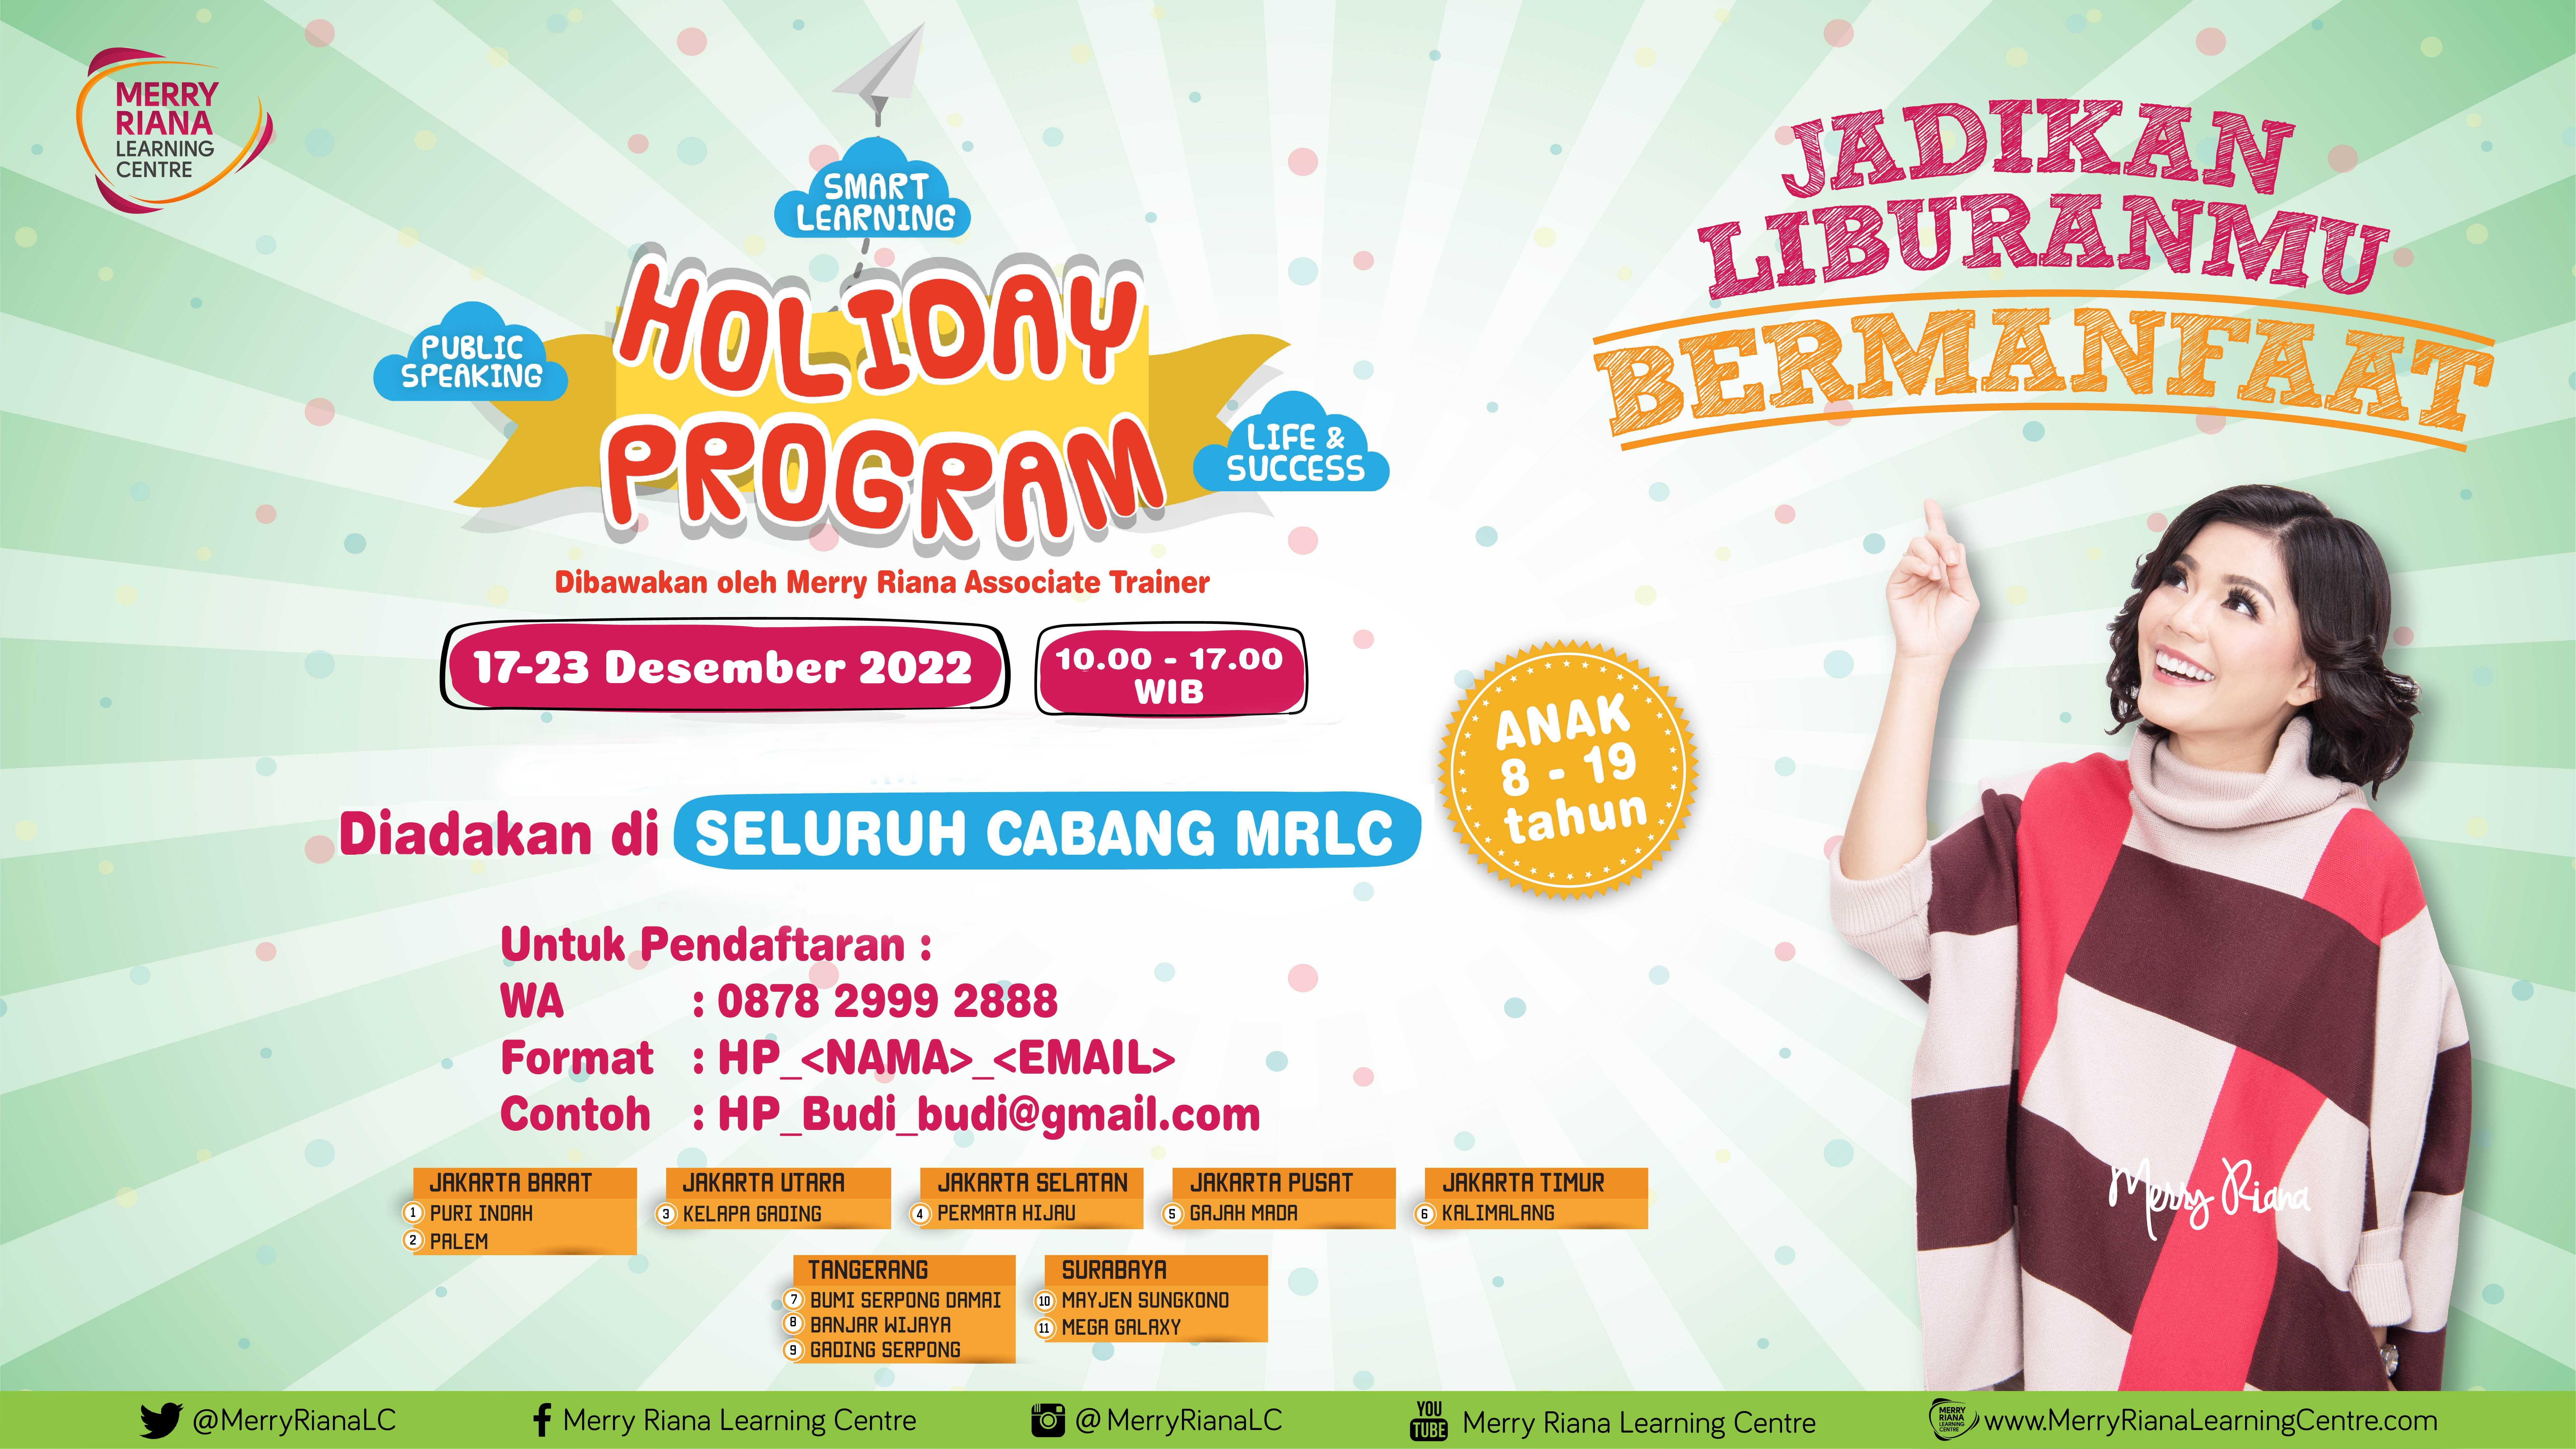 Holiday Program by Merry Riana Learning Centre (MRLC) merupakan PROGRAM UNGGULAN saat liburan sekolah yang telah diikuti lebih dari 1.000 anak dan remaja di seluruh Indonesia.